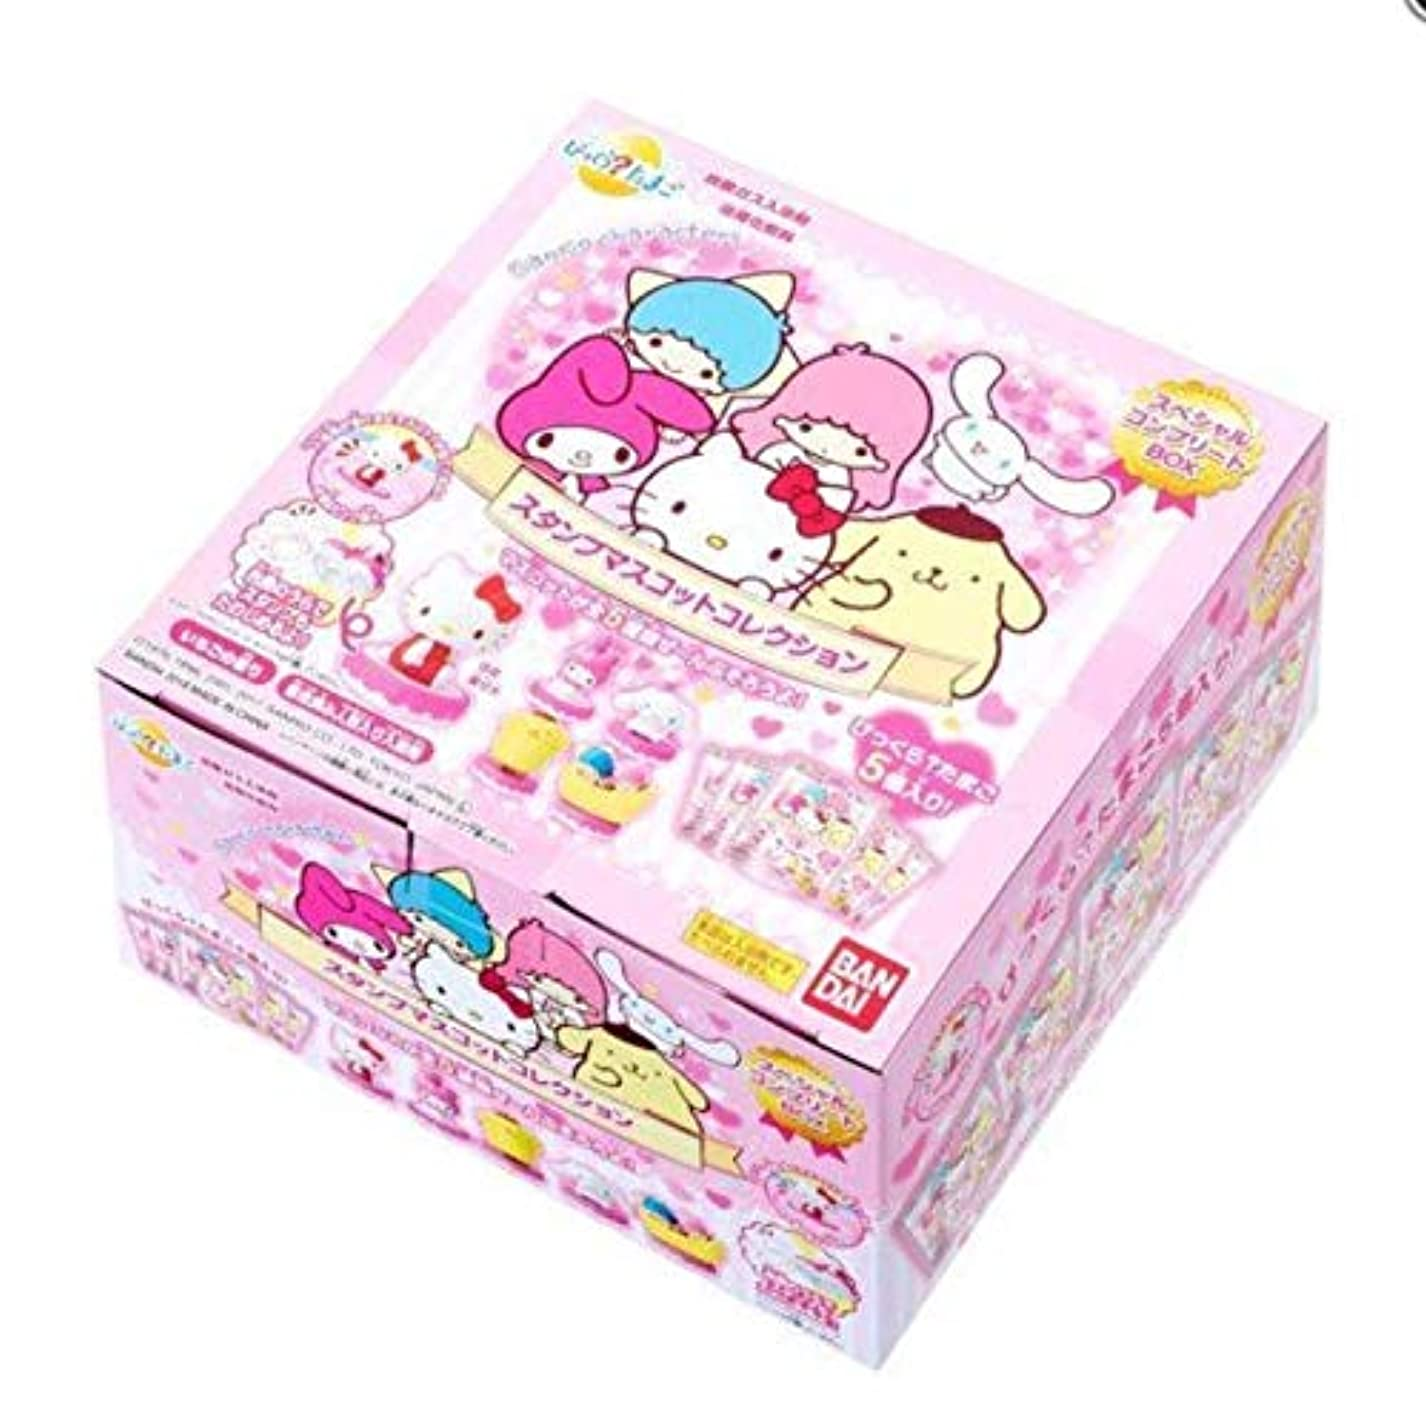 あいまい森林避難するびっくら?たまご サンリオキャラクターズ スタンプマスコットコレクション スペシャルコンプリートBOX